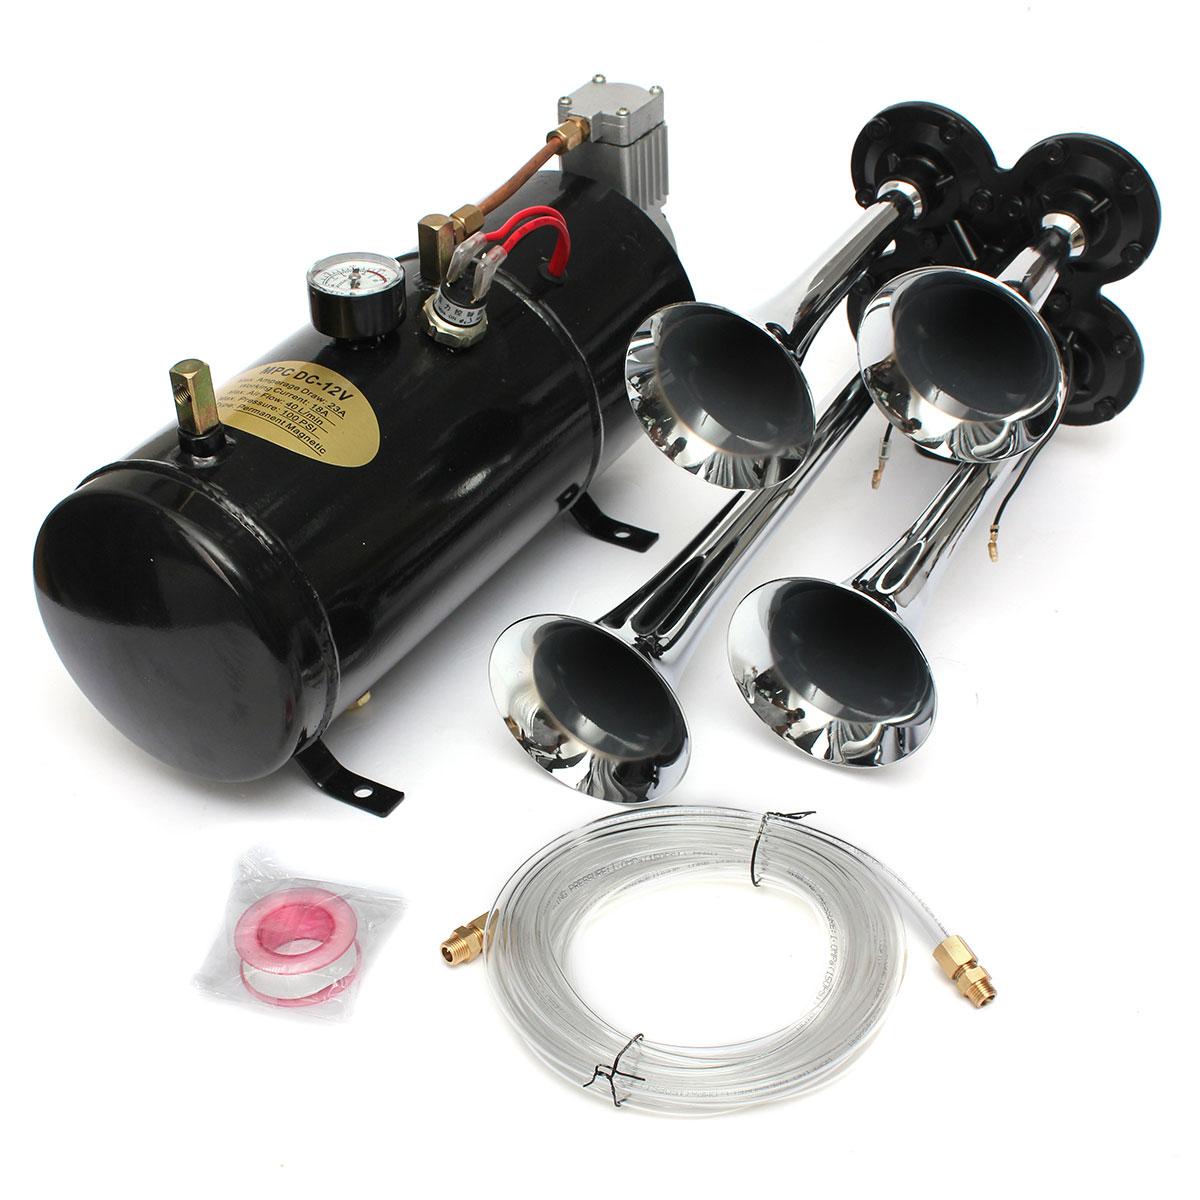 Universel 12 v 150.2 db Moto De Voiture Camions Bateaux 4 Trompette Air Horn Compresseur Tube